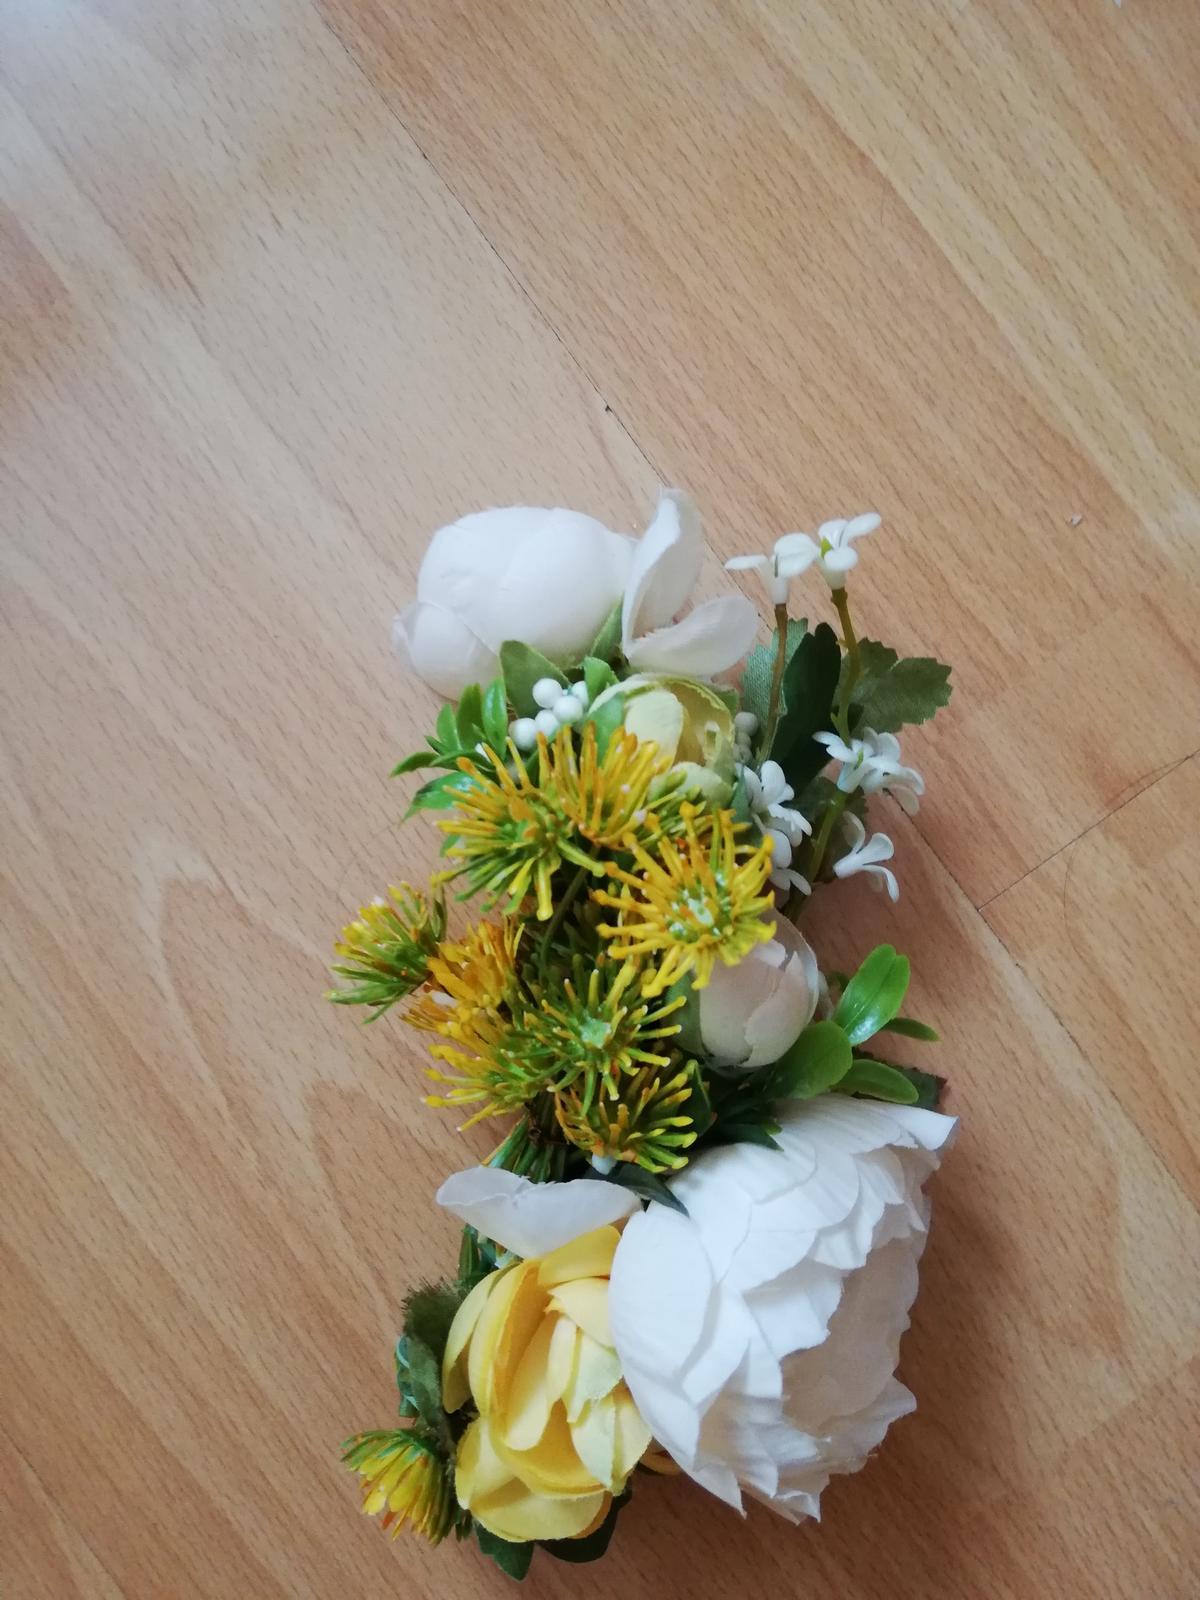 Kvetinova ozdoba do vlasov pivonky - Obrázok č. 3